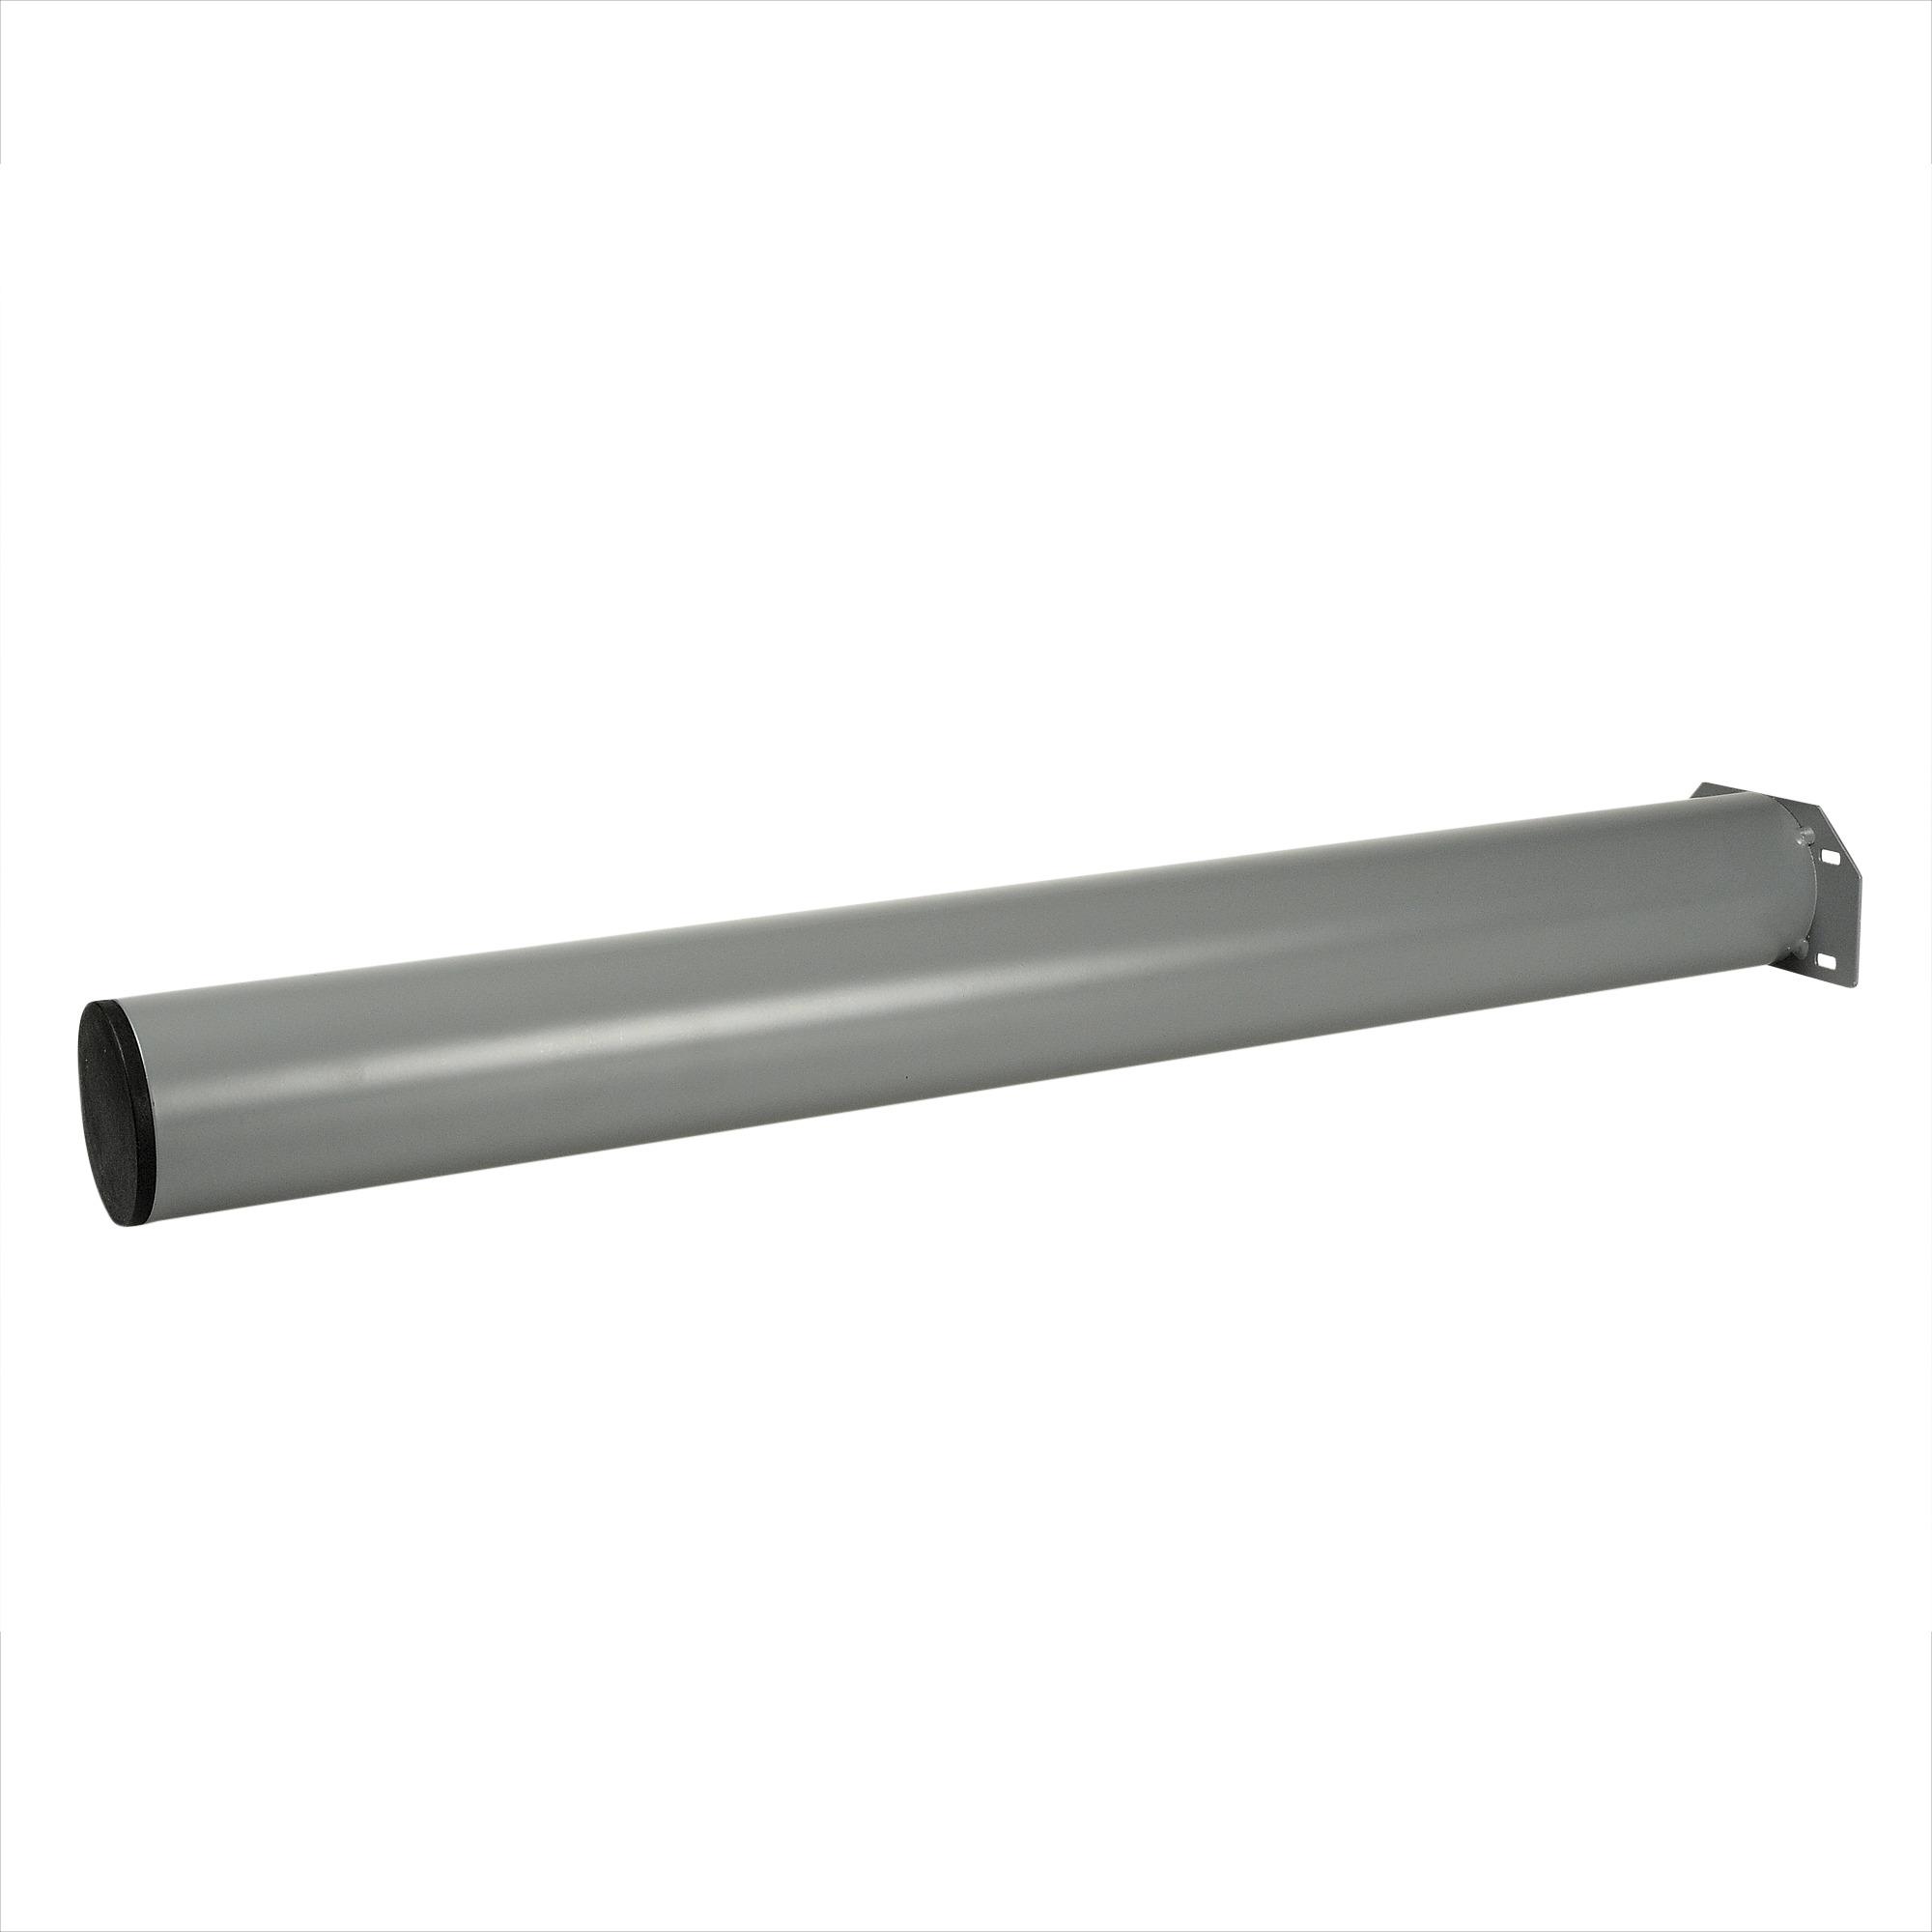 Tafelpoot rond zilvergrijs 7,6×72 cm